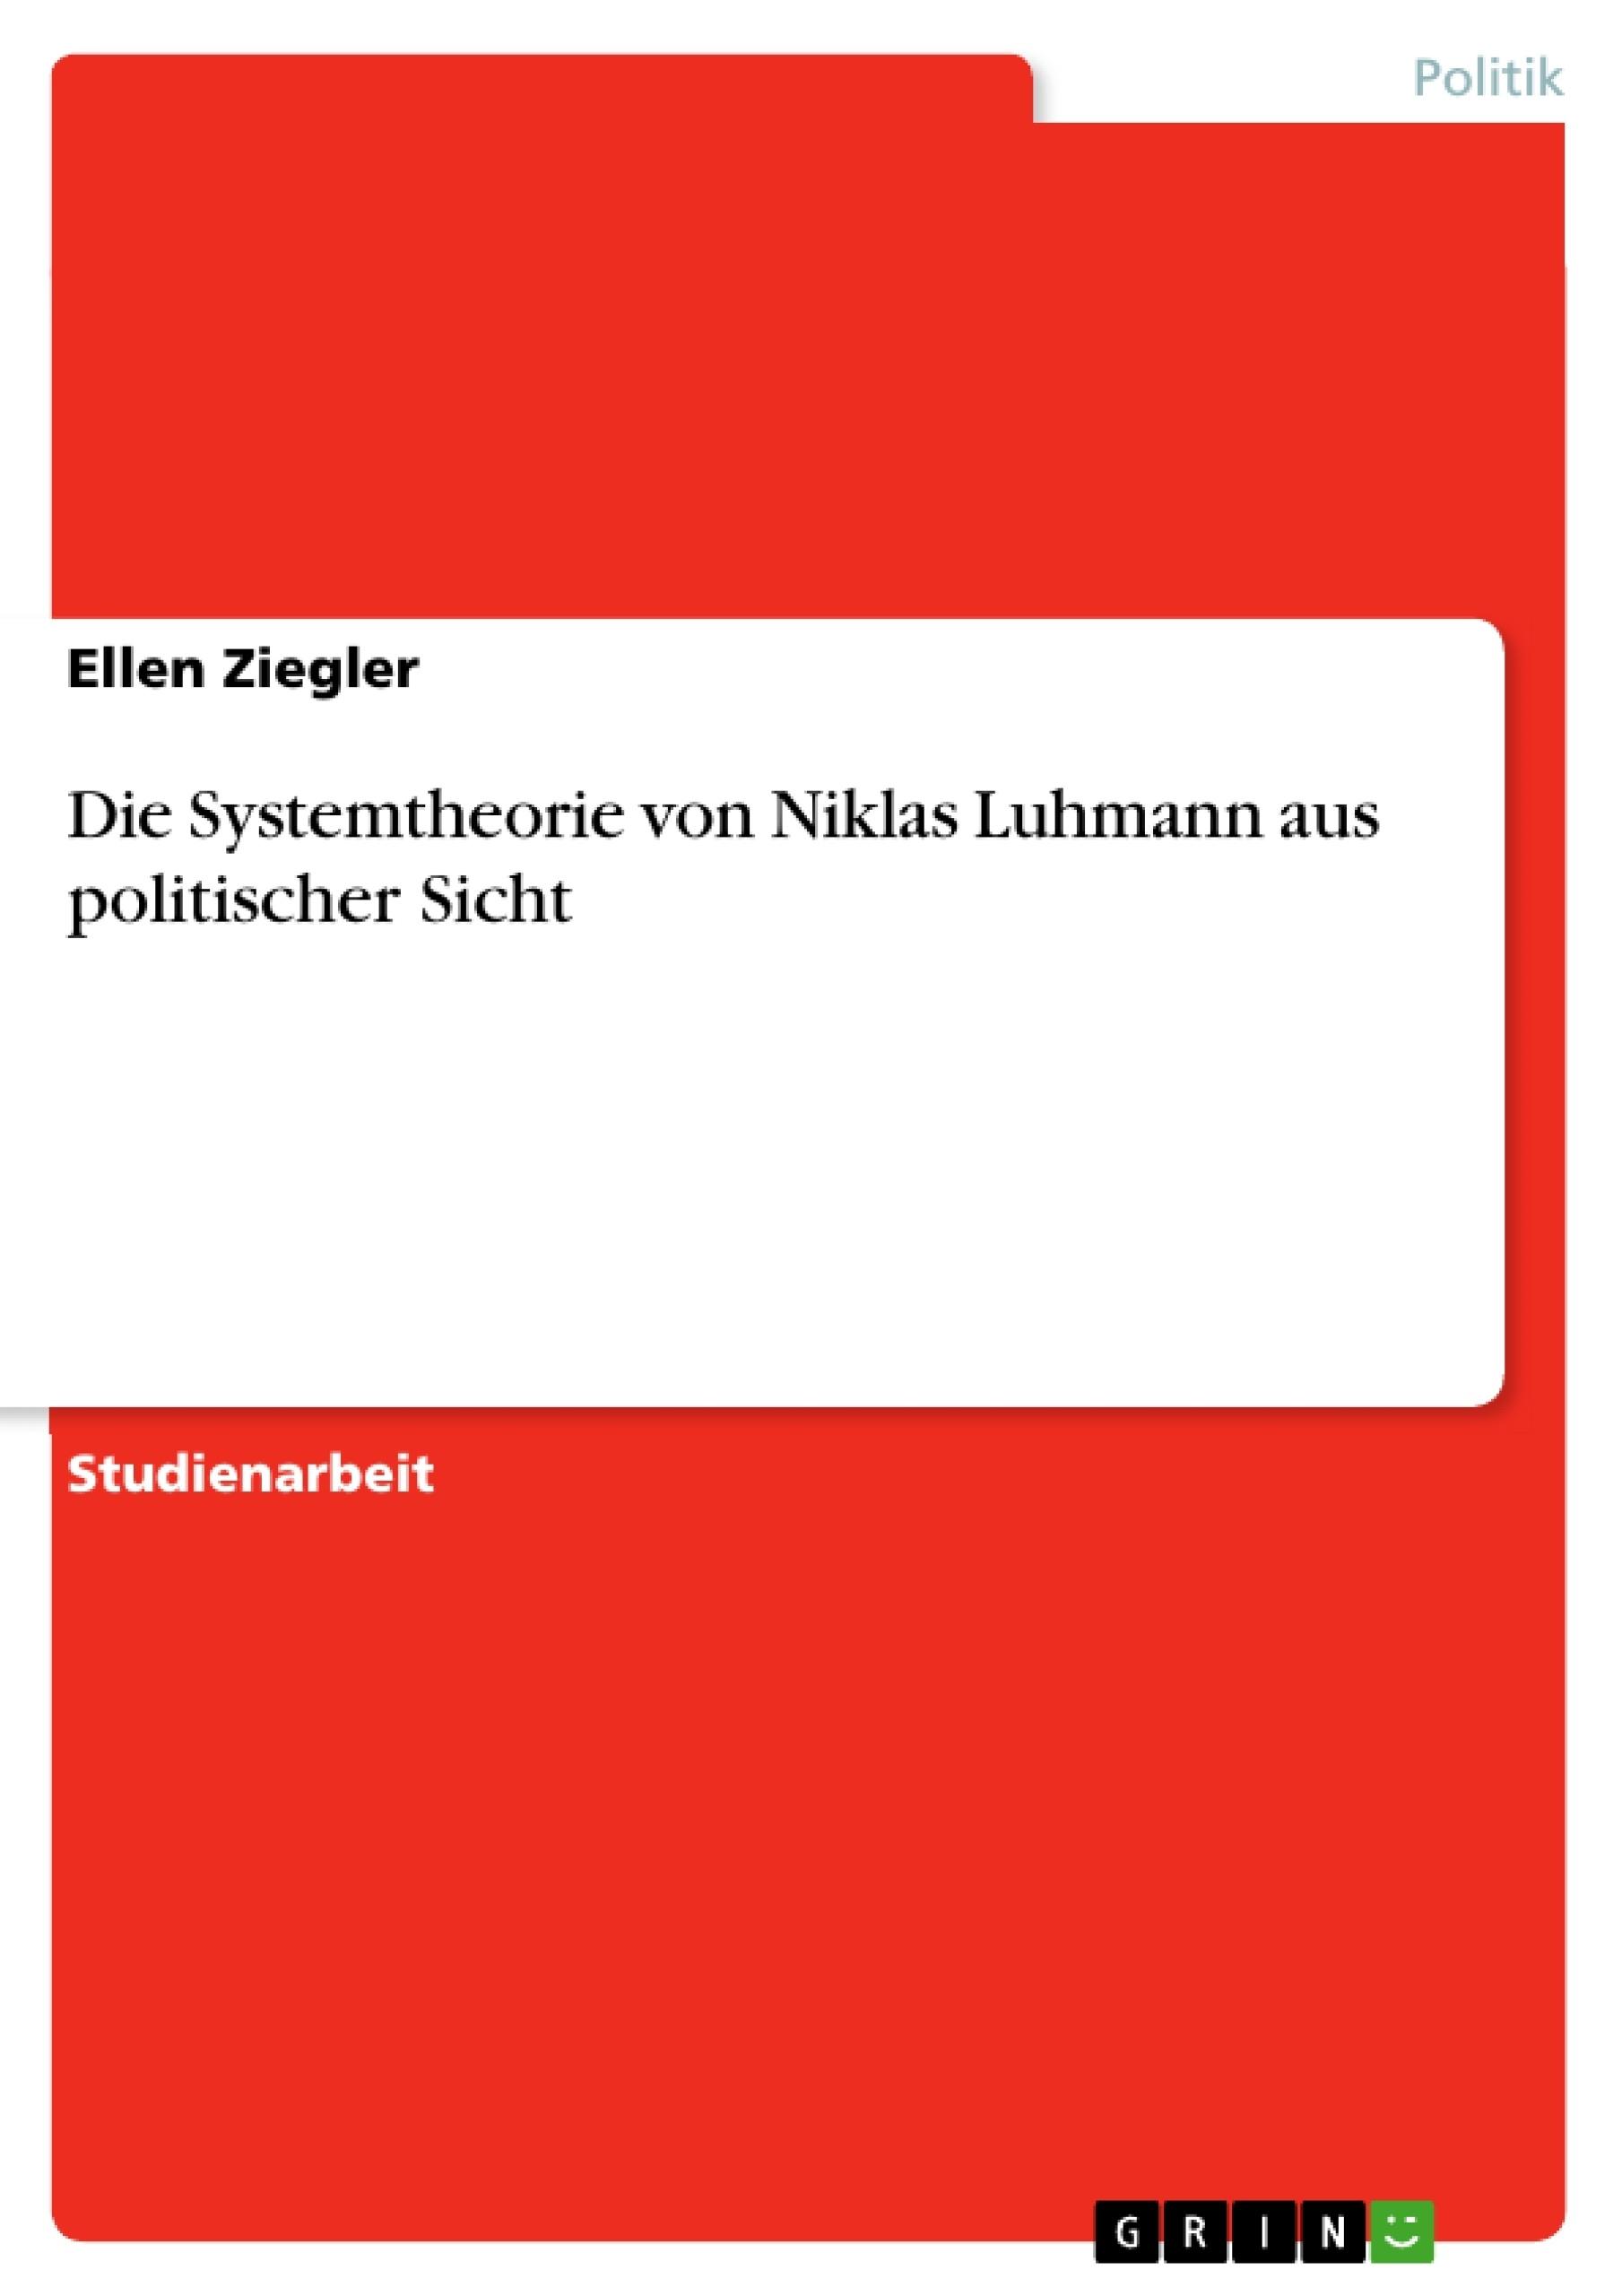 Titel: Die Systemtheorie von Niklas Luhmann aus politischer Sicht